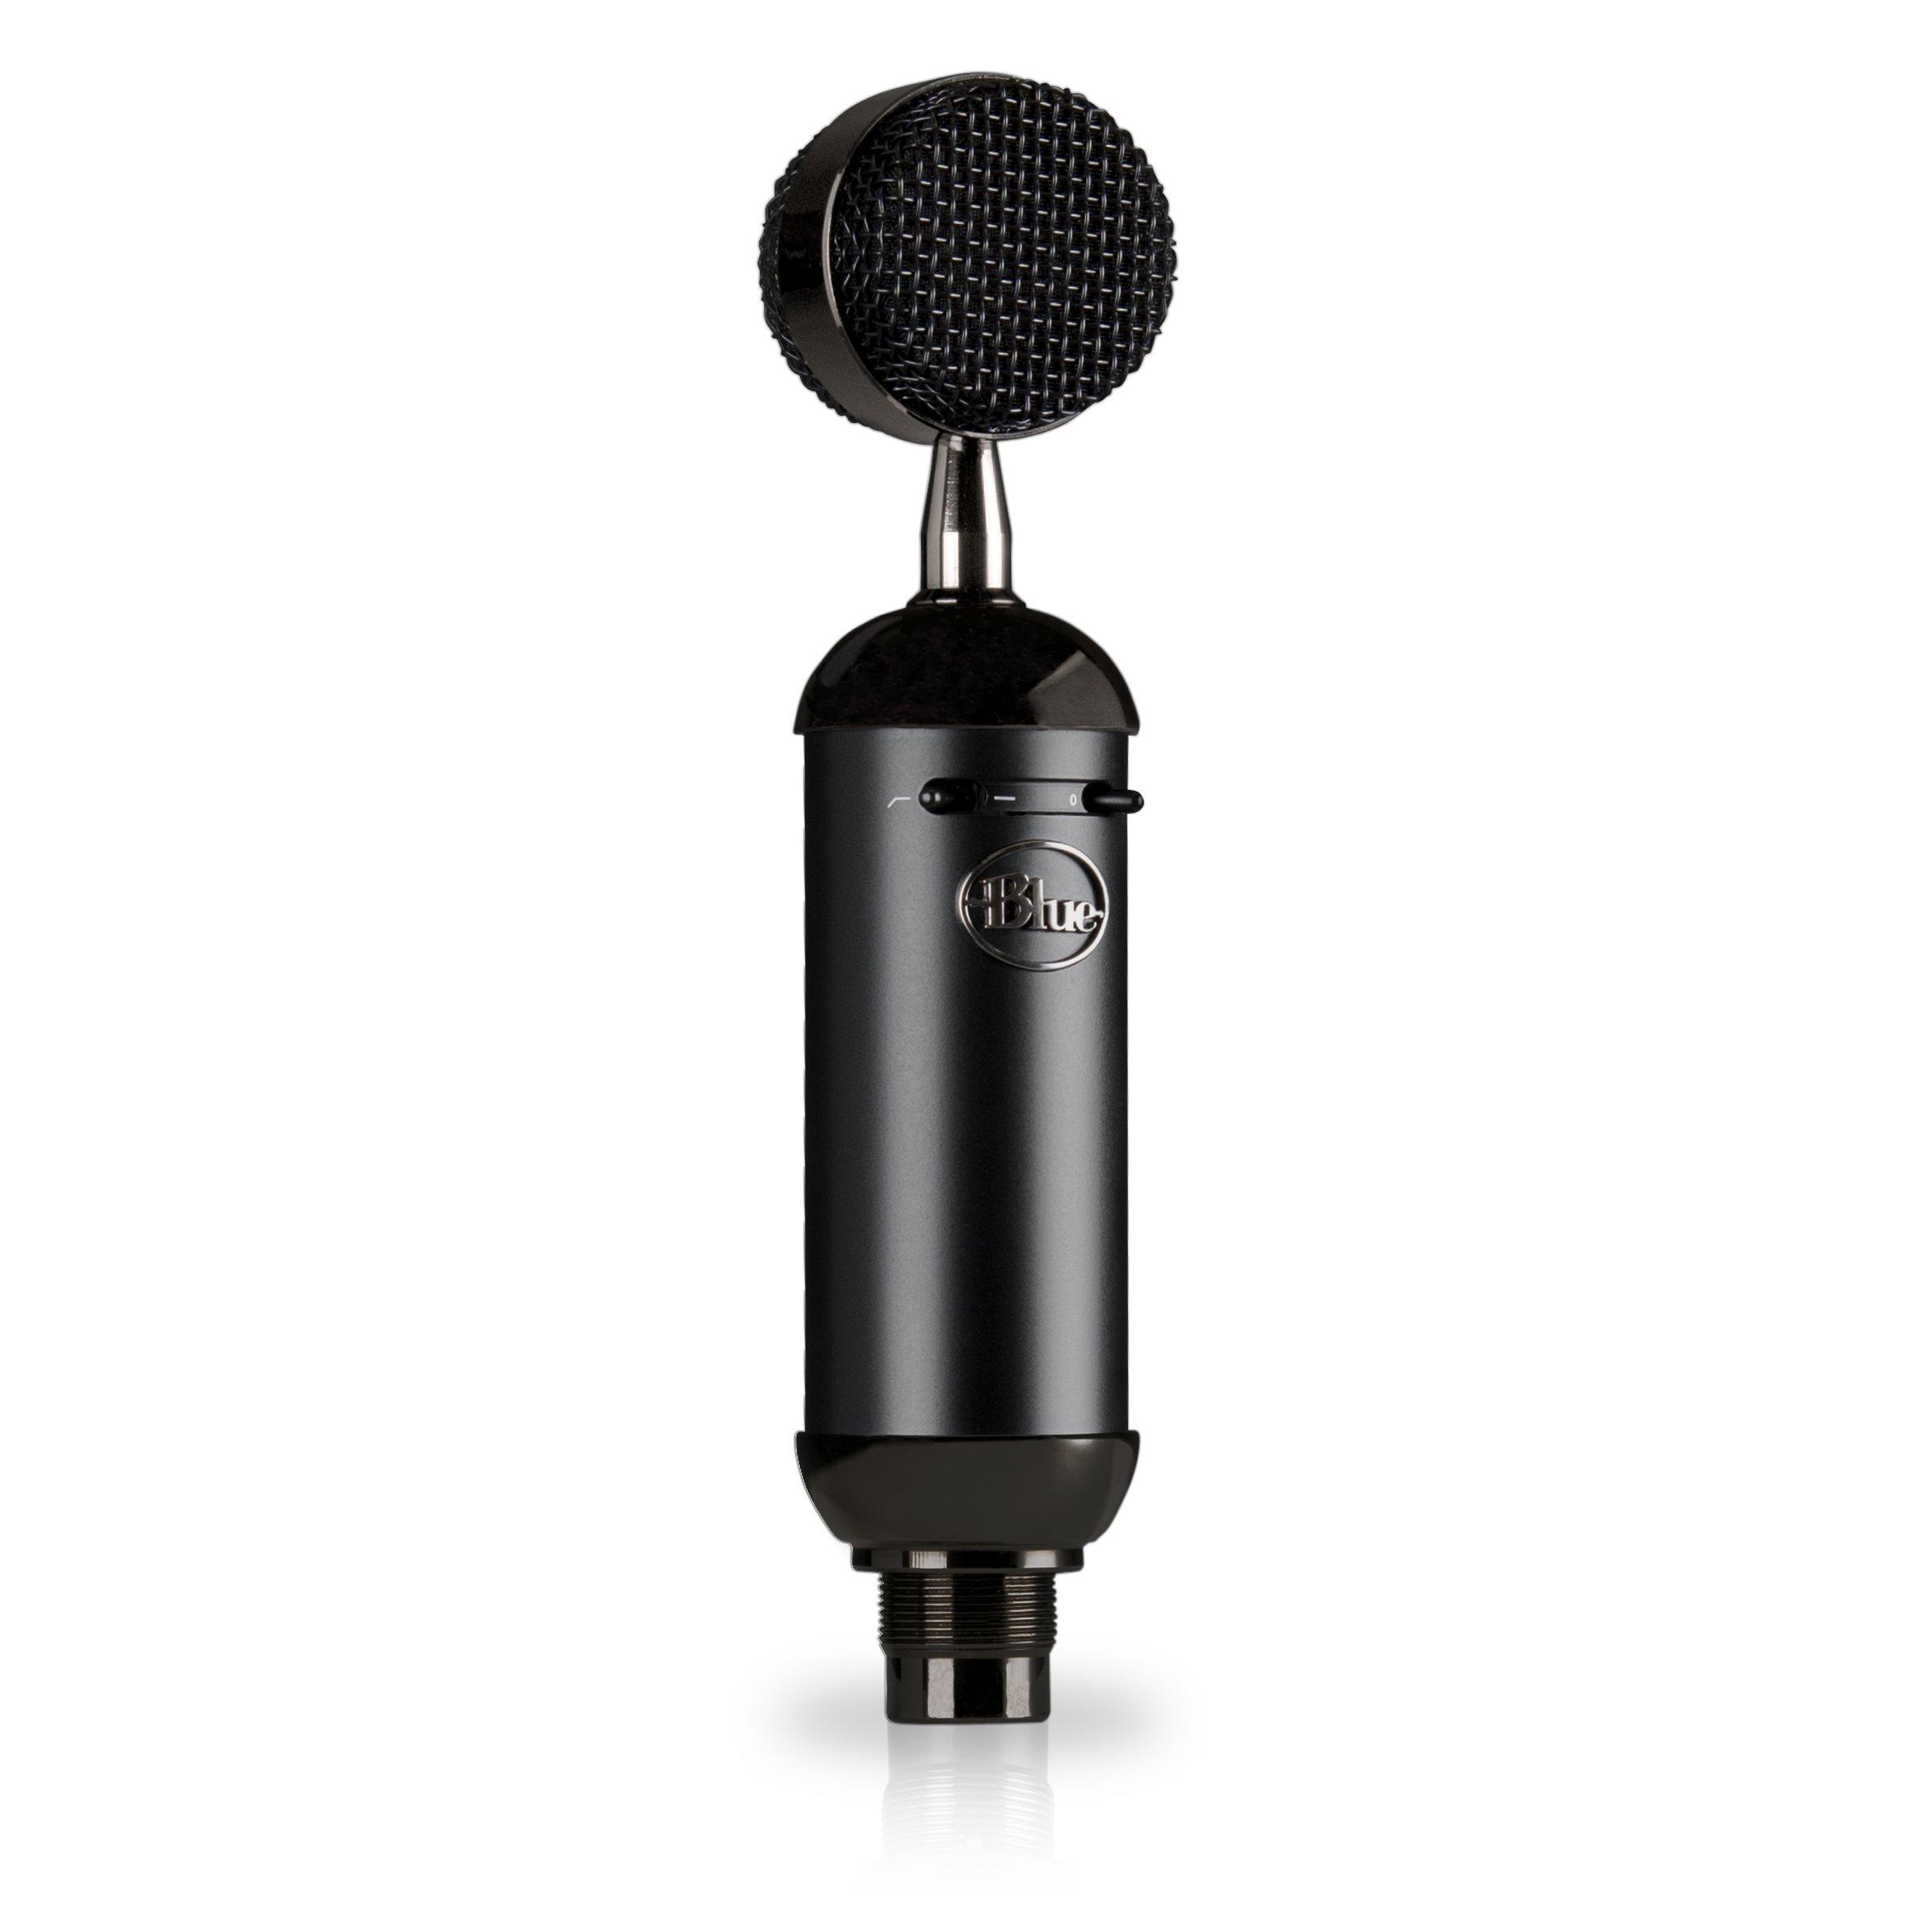 Blue Spark Blackout SL Micro Électrostatique XLR Pour L'Enregistrement Et Le Streaming Pros